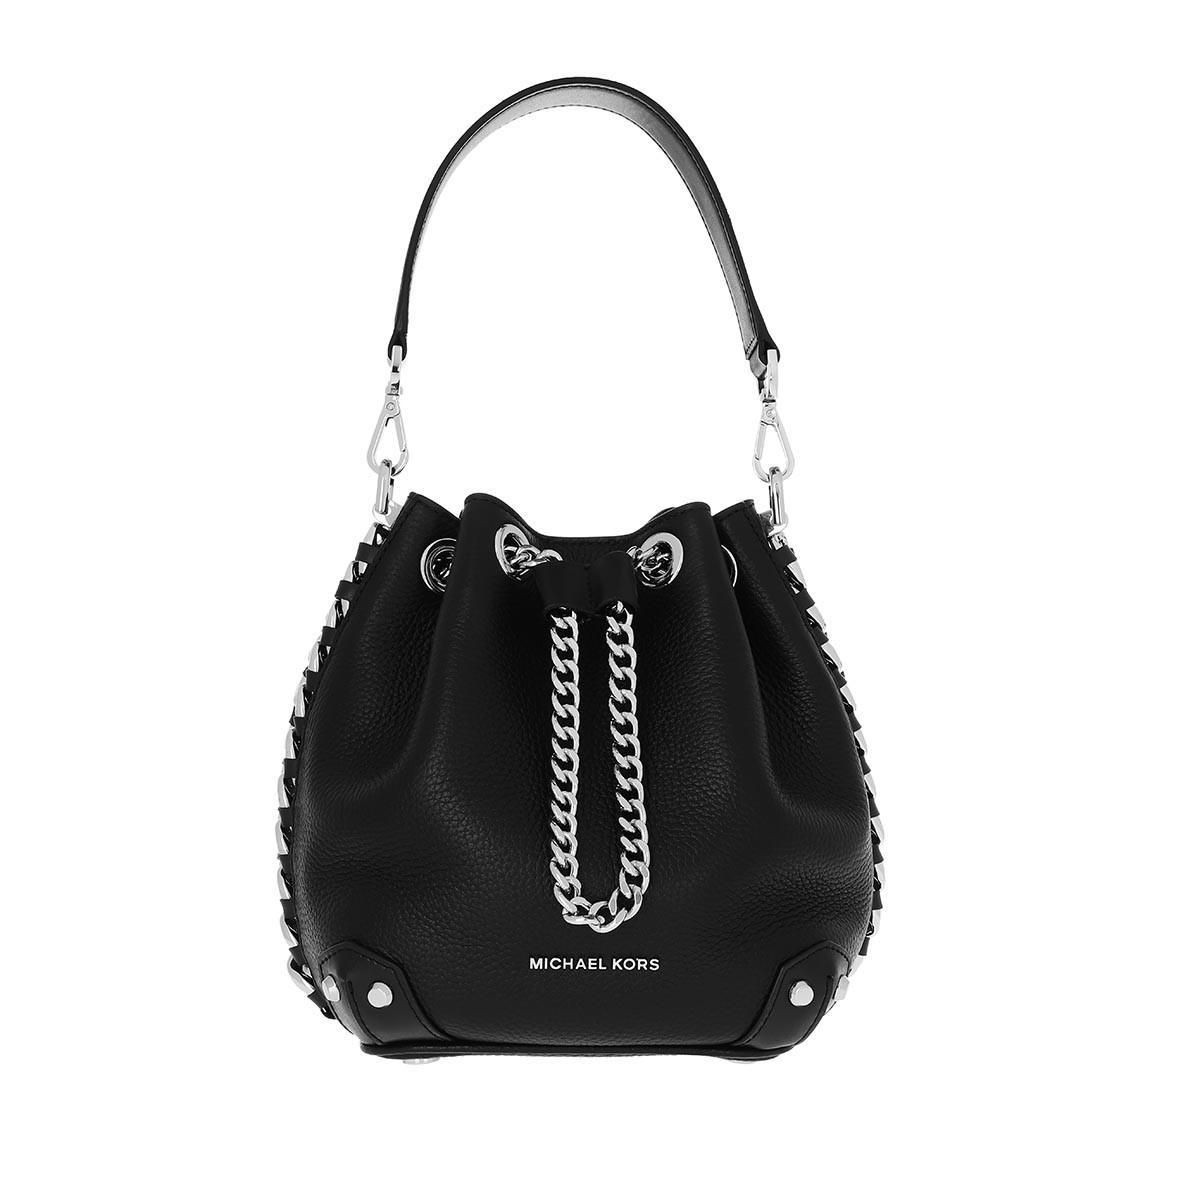 Alanis Small Bucket Bag Black en Cuir Michael Kors